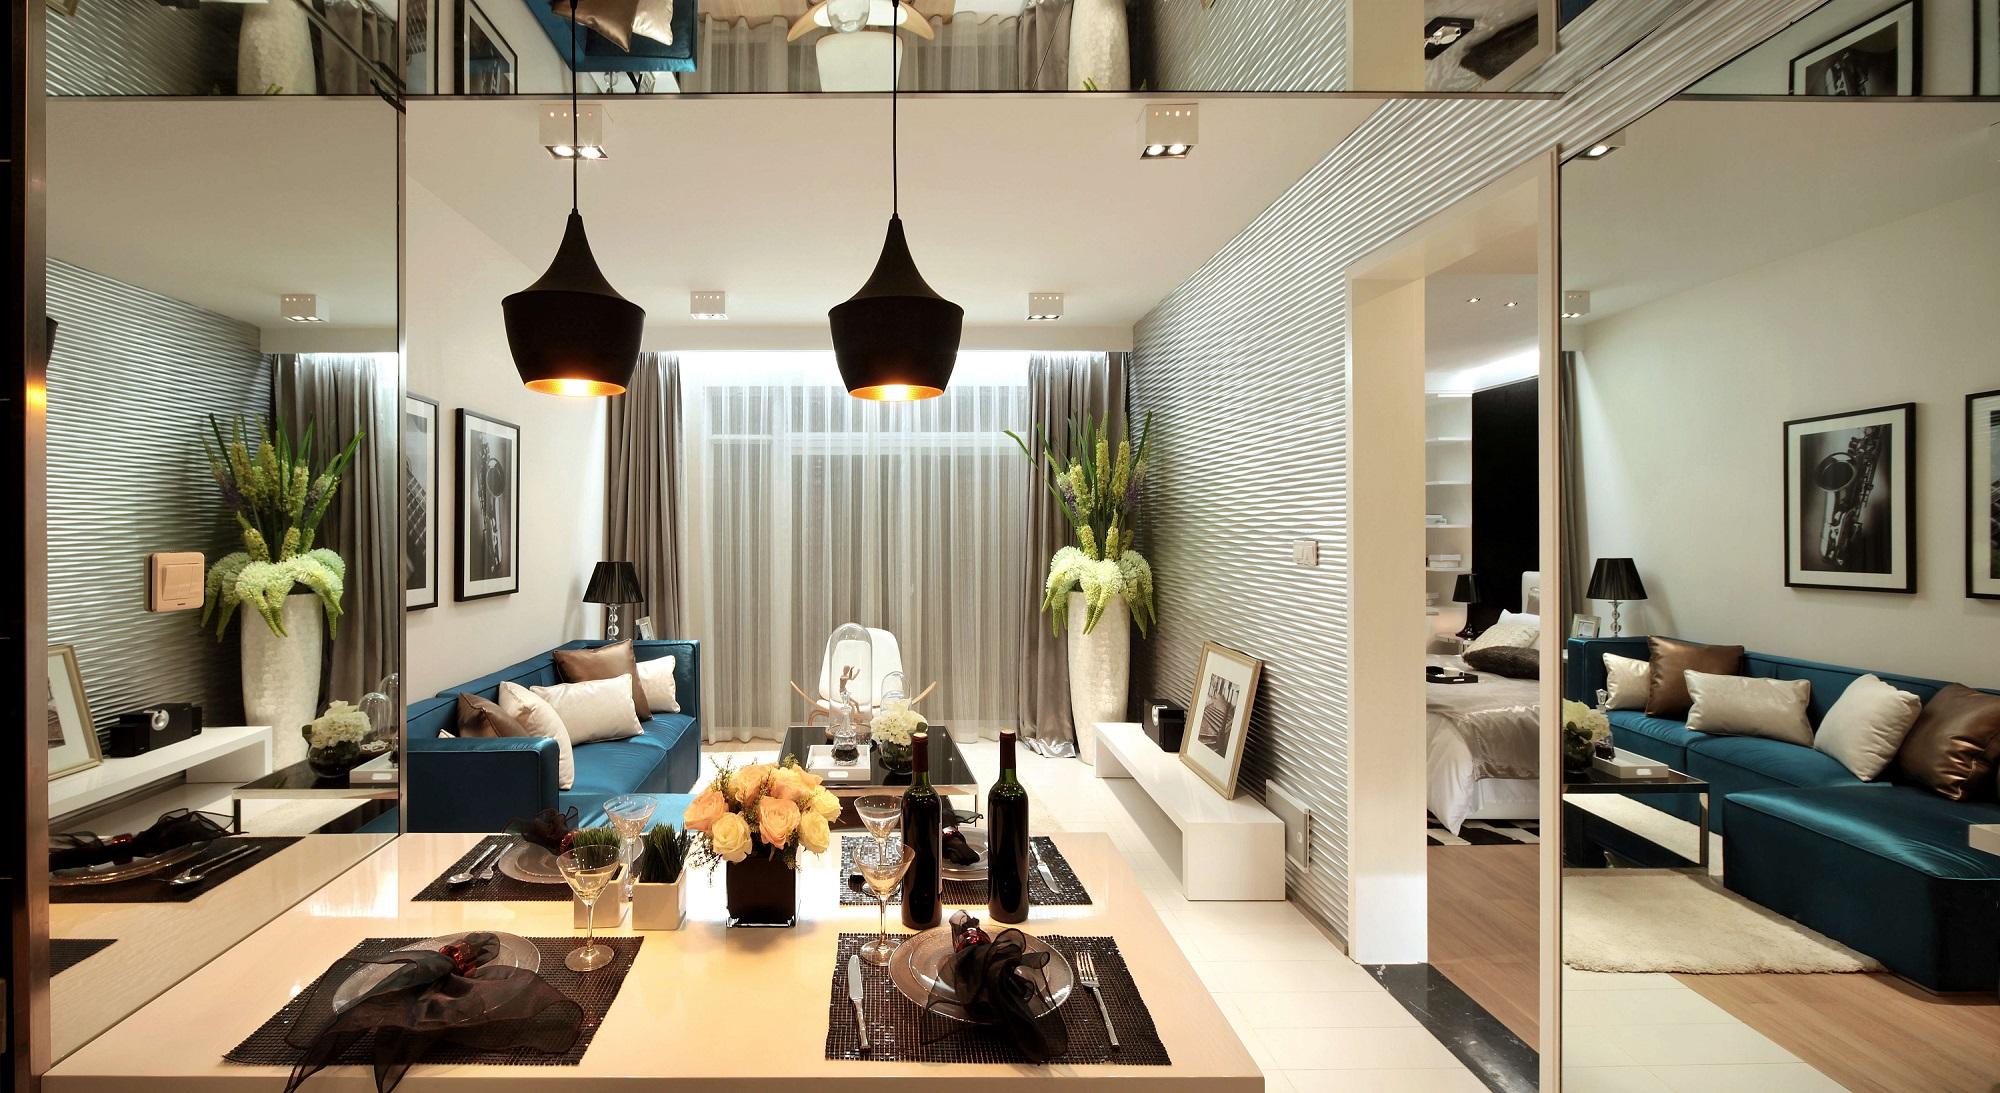 客餐厅一体设计,增强空间互动性,从餐厅望向客厅,摒弃电视装饰的空间似乎更显格调。